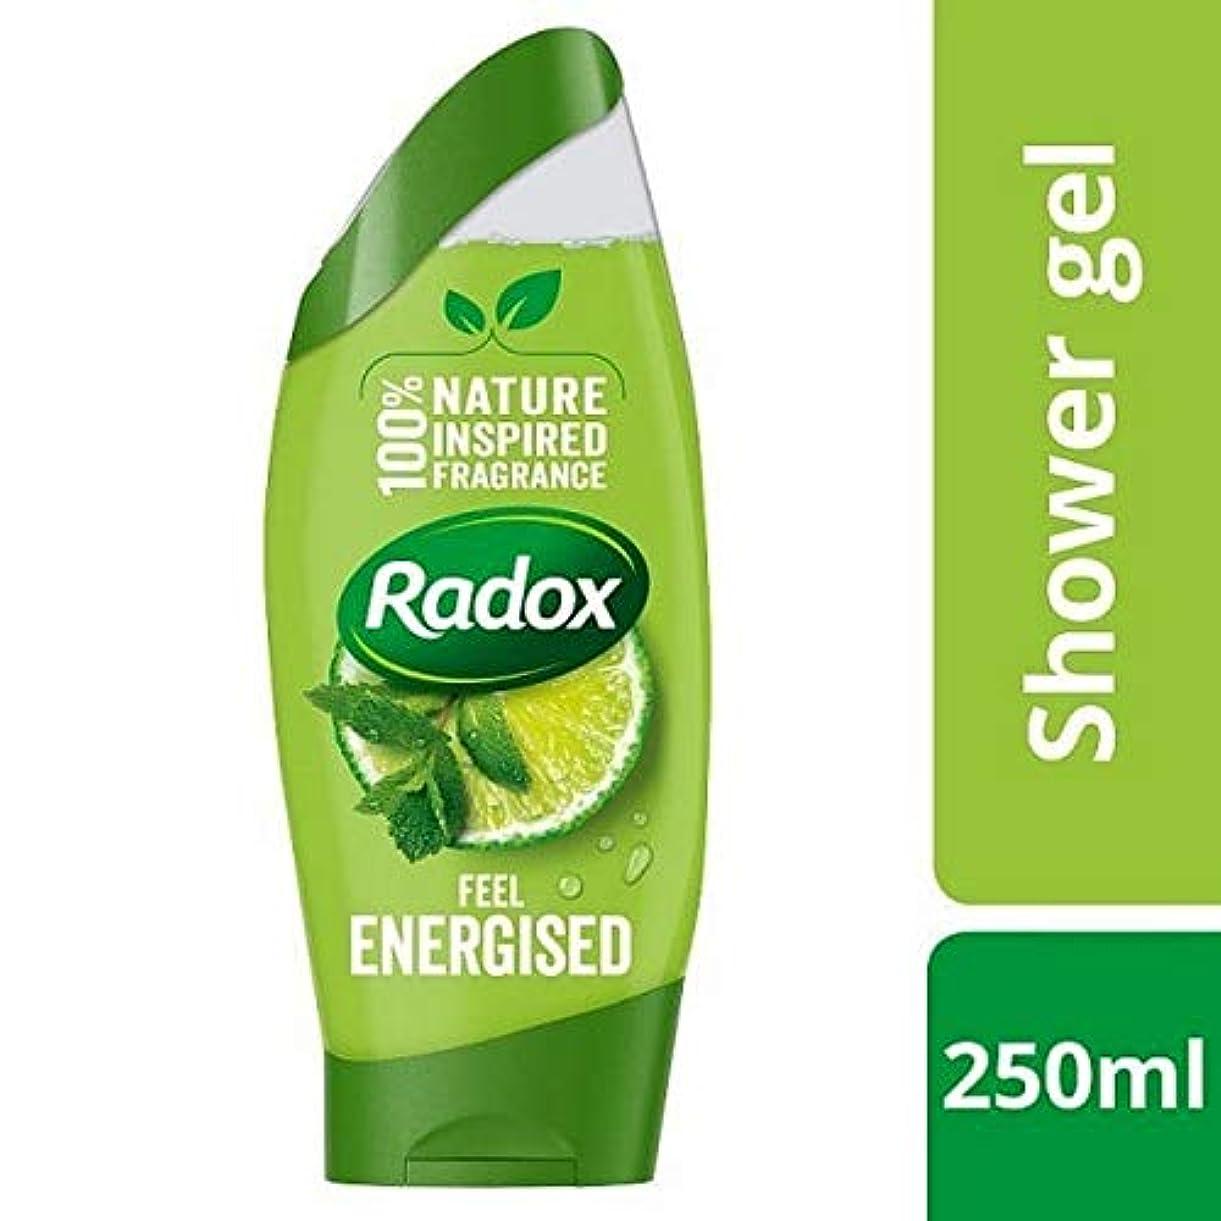 導出クライマックスのヒープ[Radox] Radoxは通電シャワージェル250ミリリットルを感じます - Radox Feel Energised Shower Gel 250ml [並行輸入品]